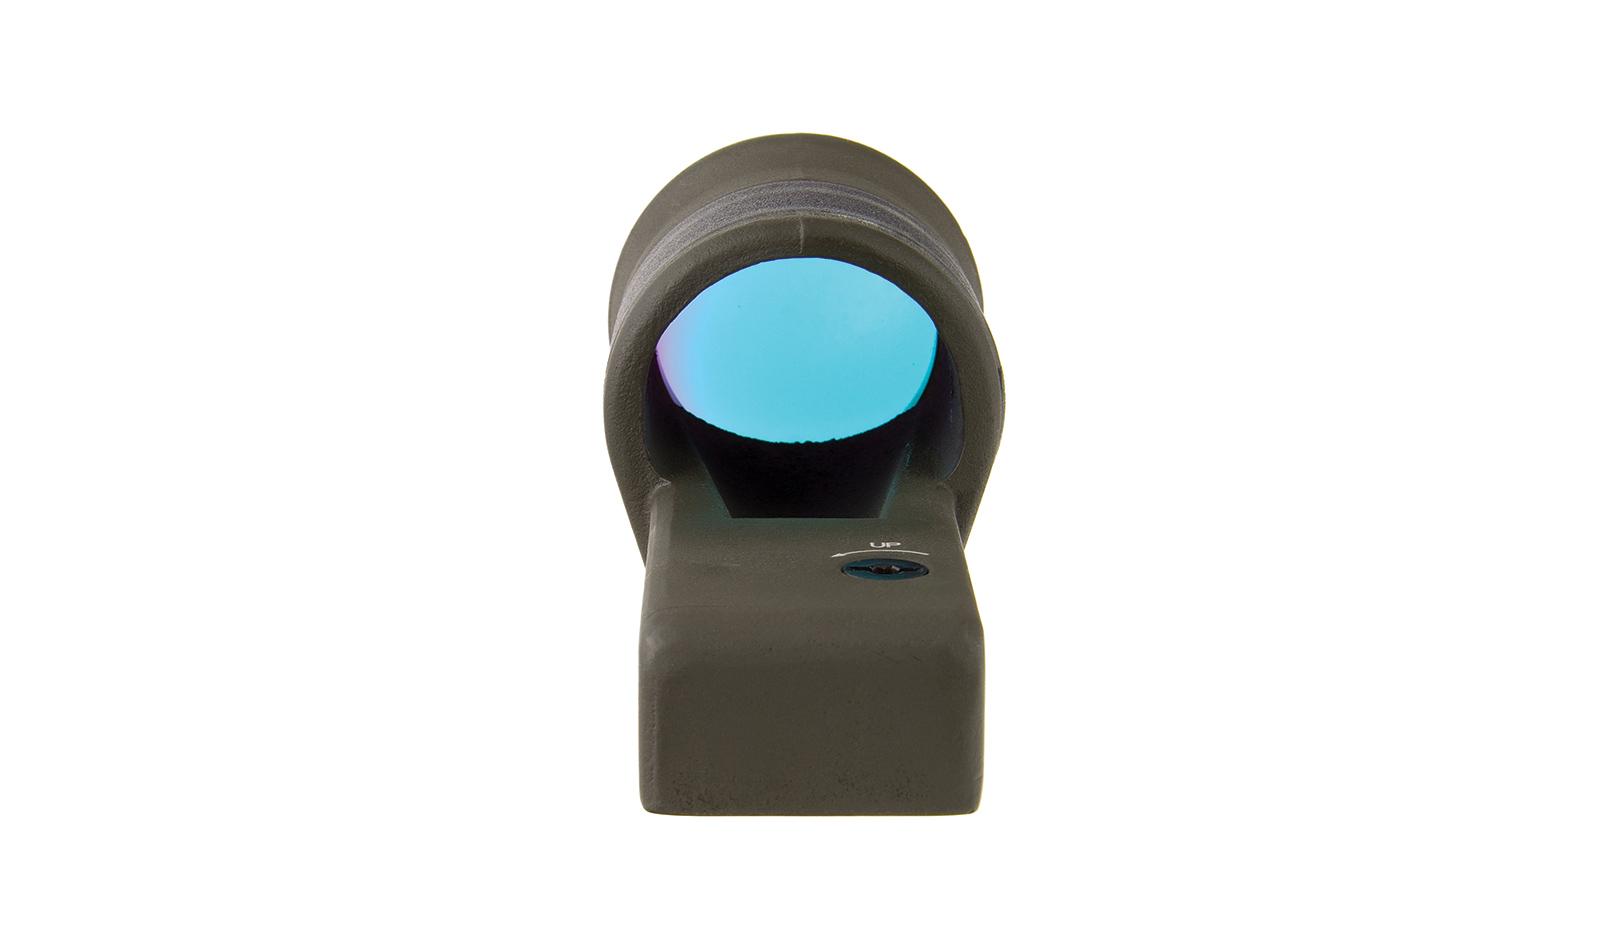 RX30-C-800066 angle 4